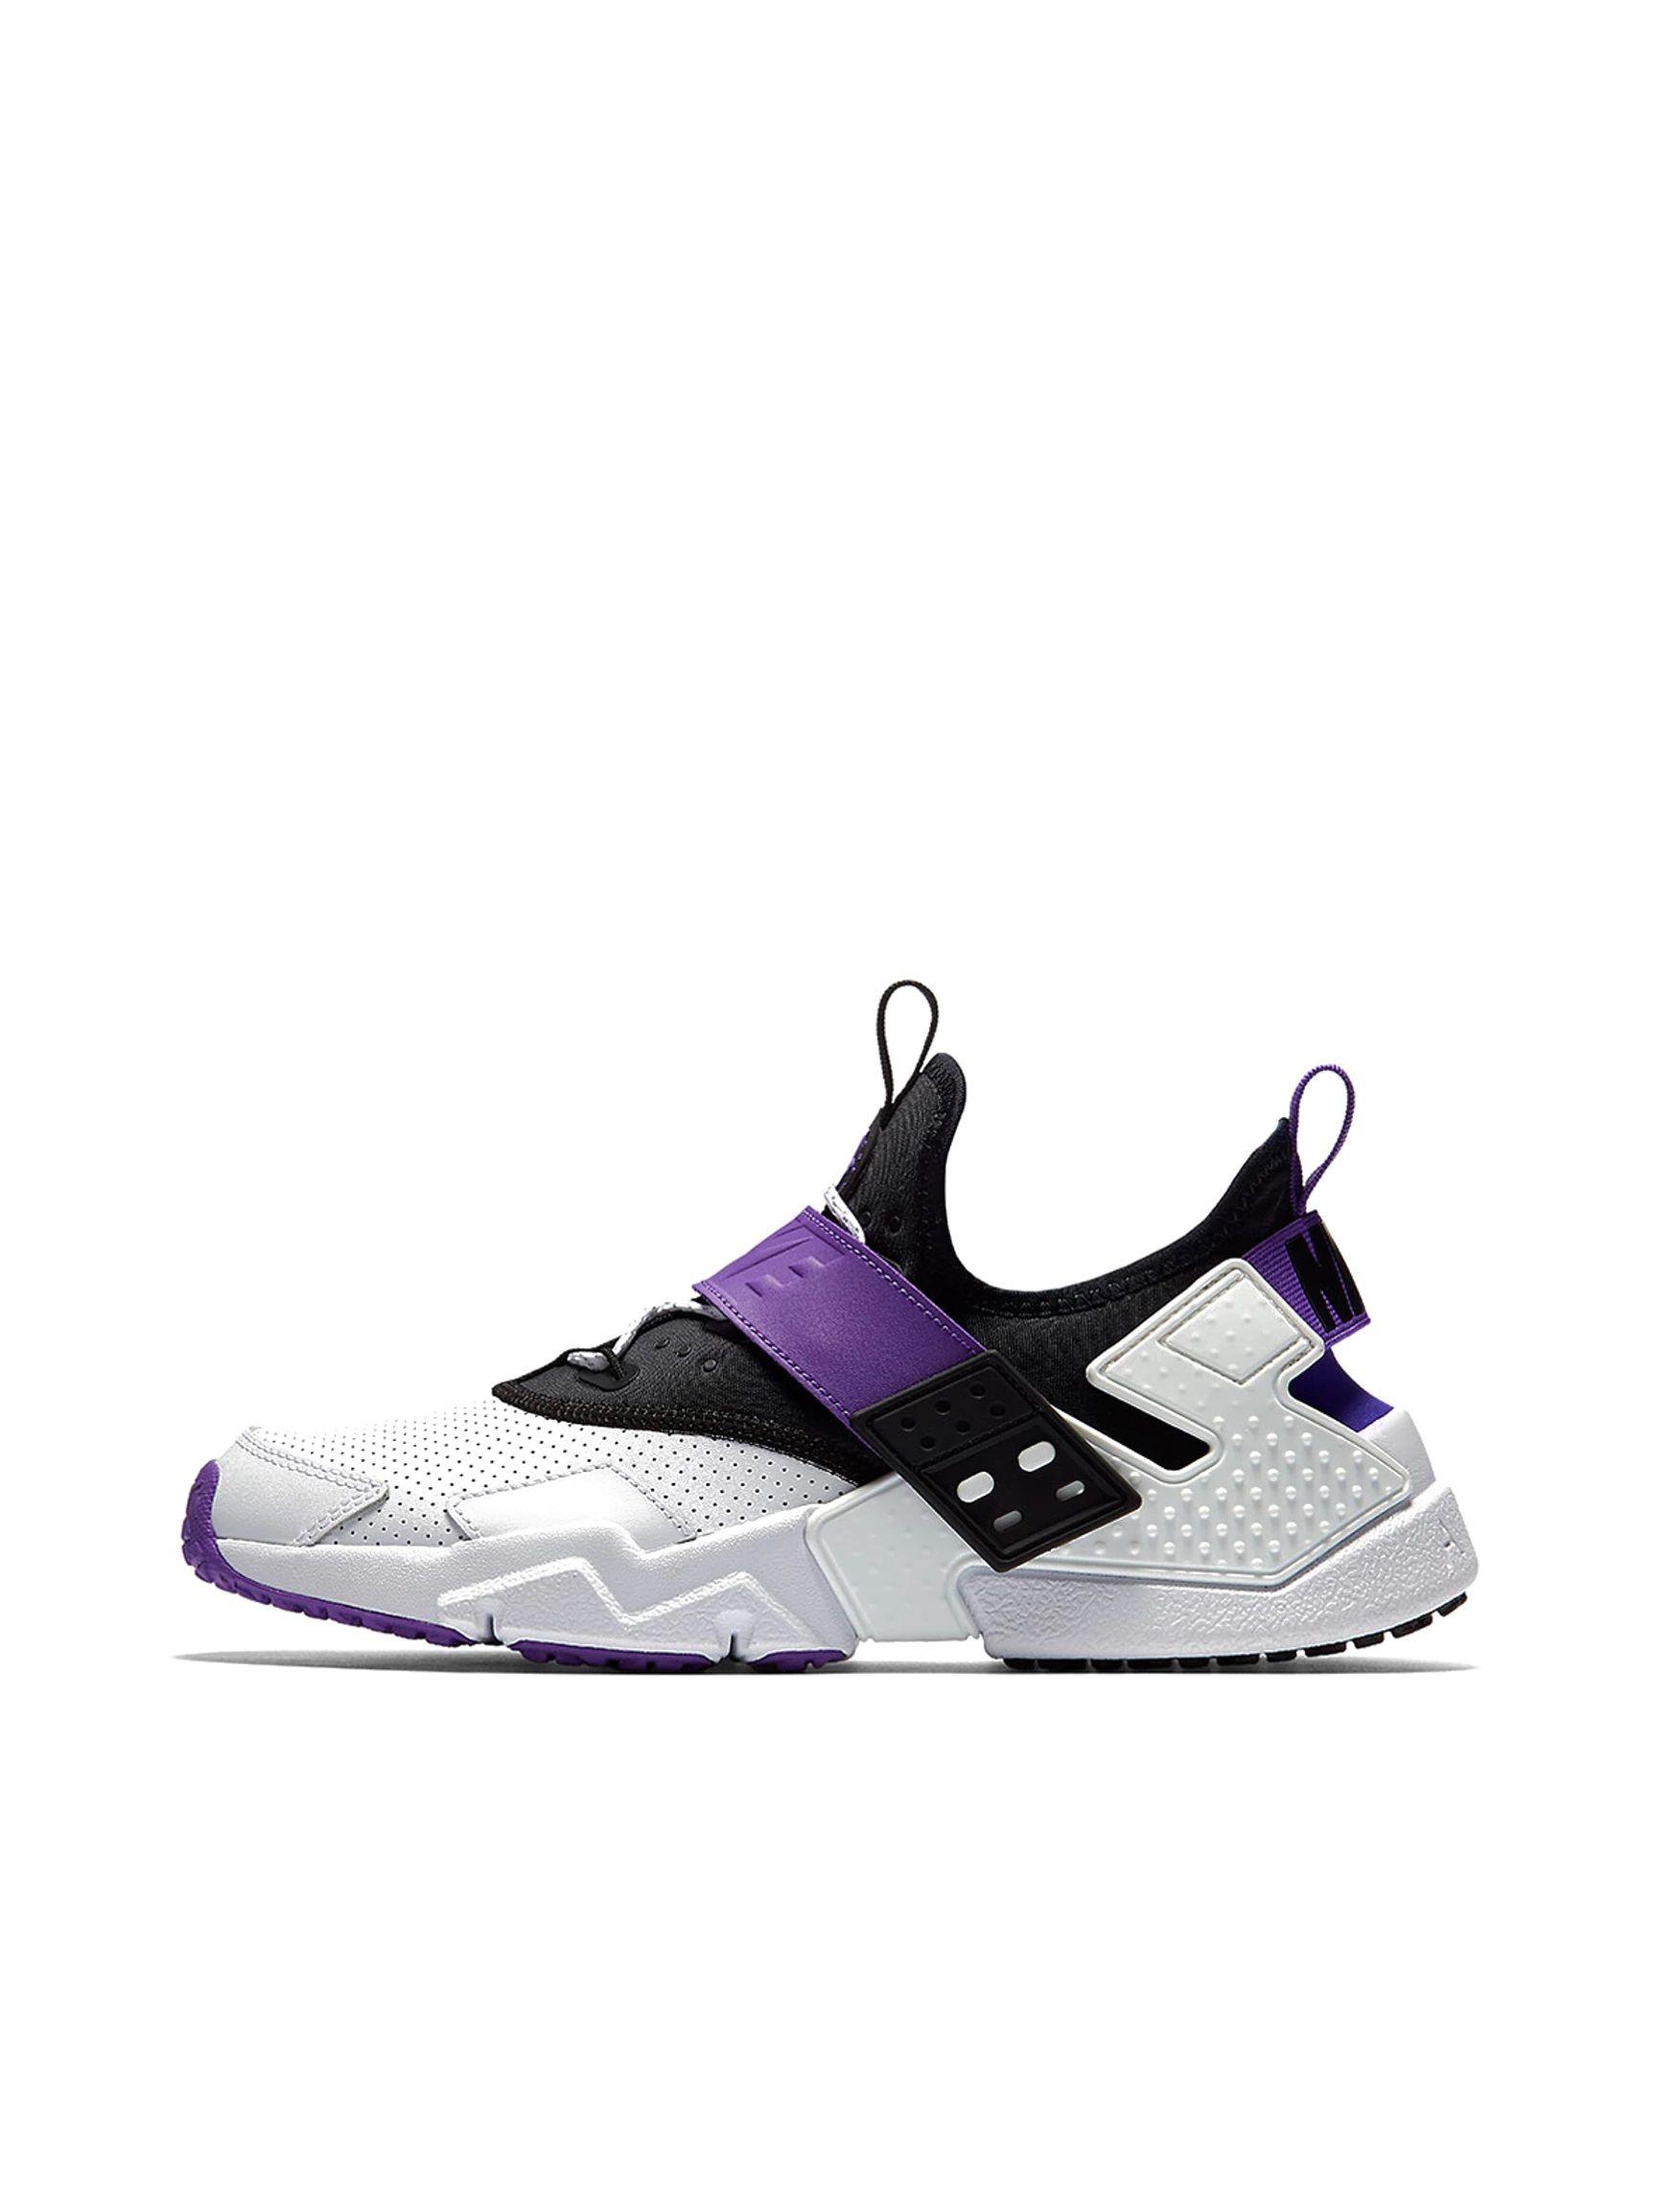 5415c874ddfd Nike Air Huarache City